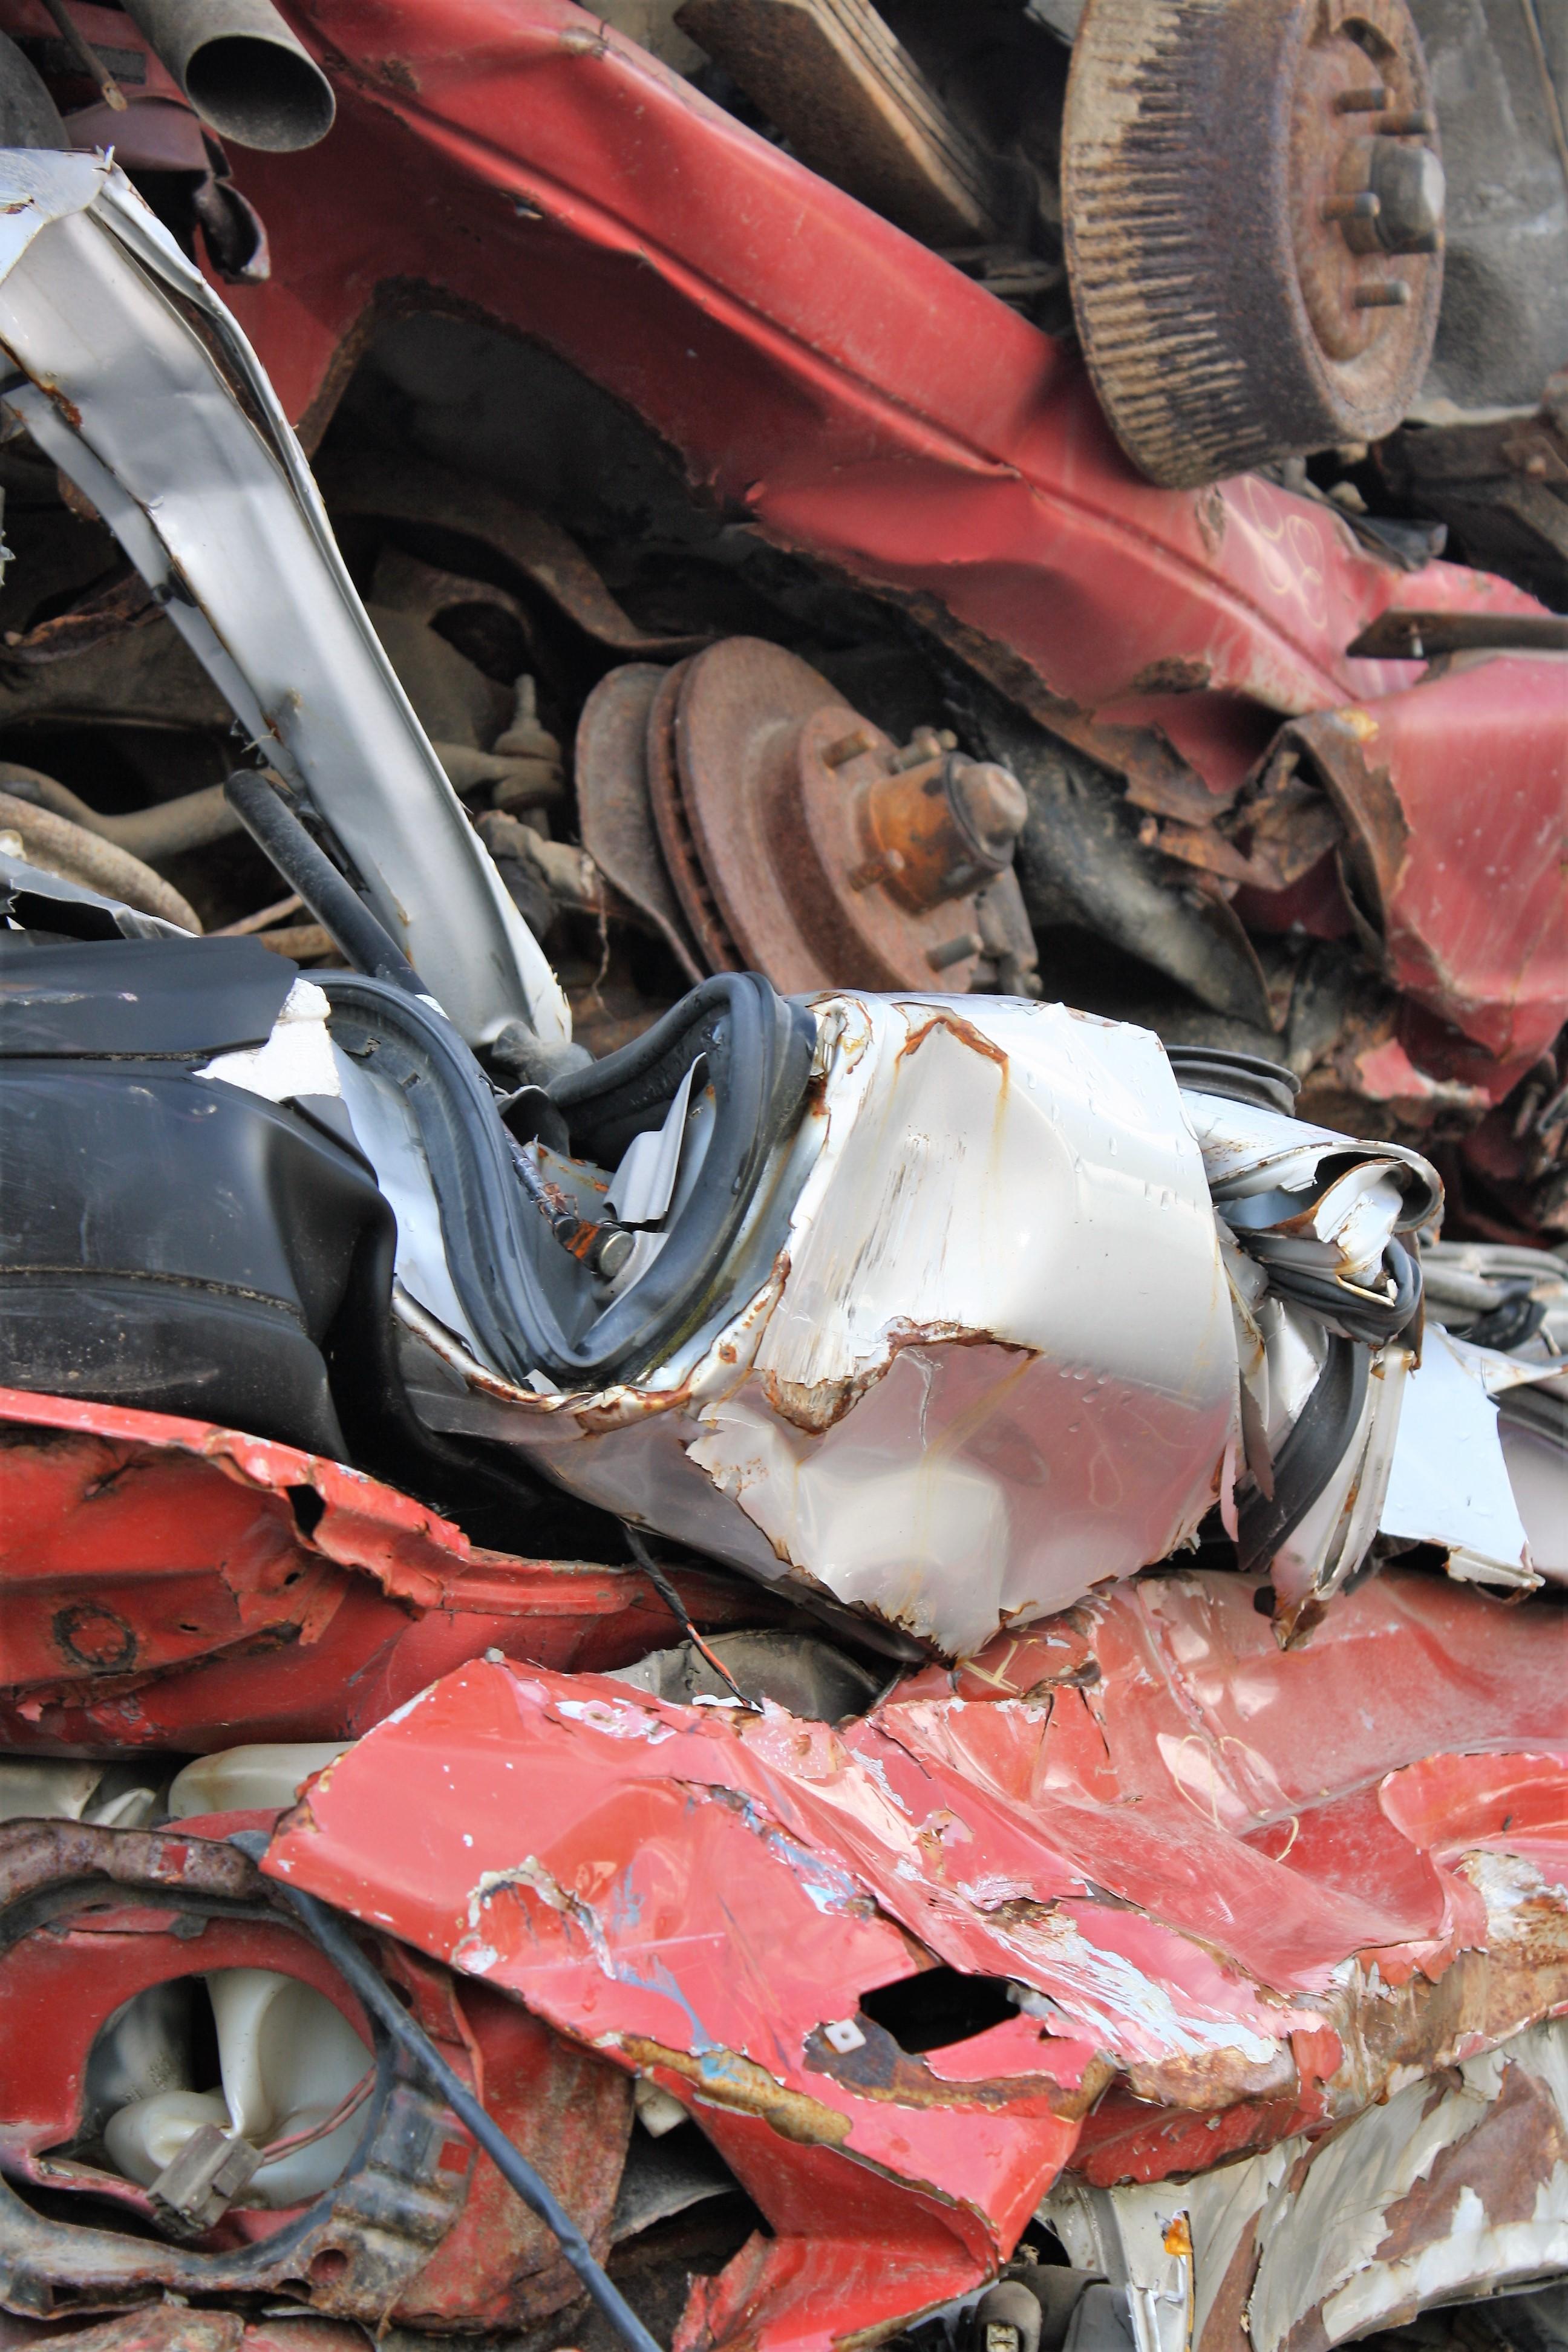 DM_vehicles_carwreckin_7531